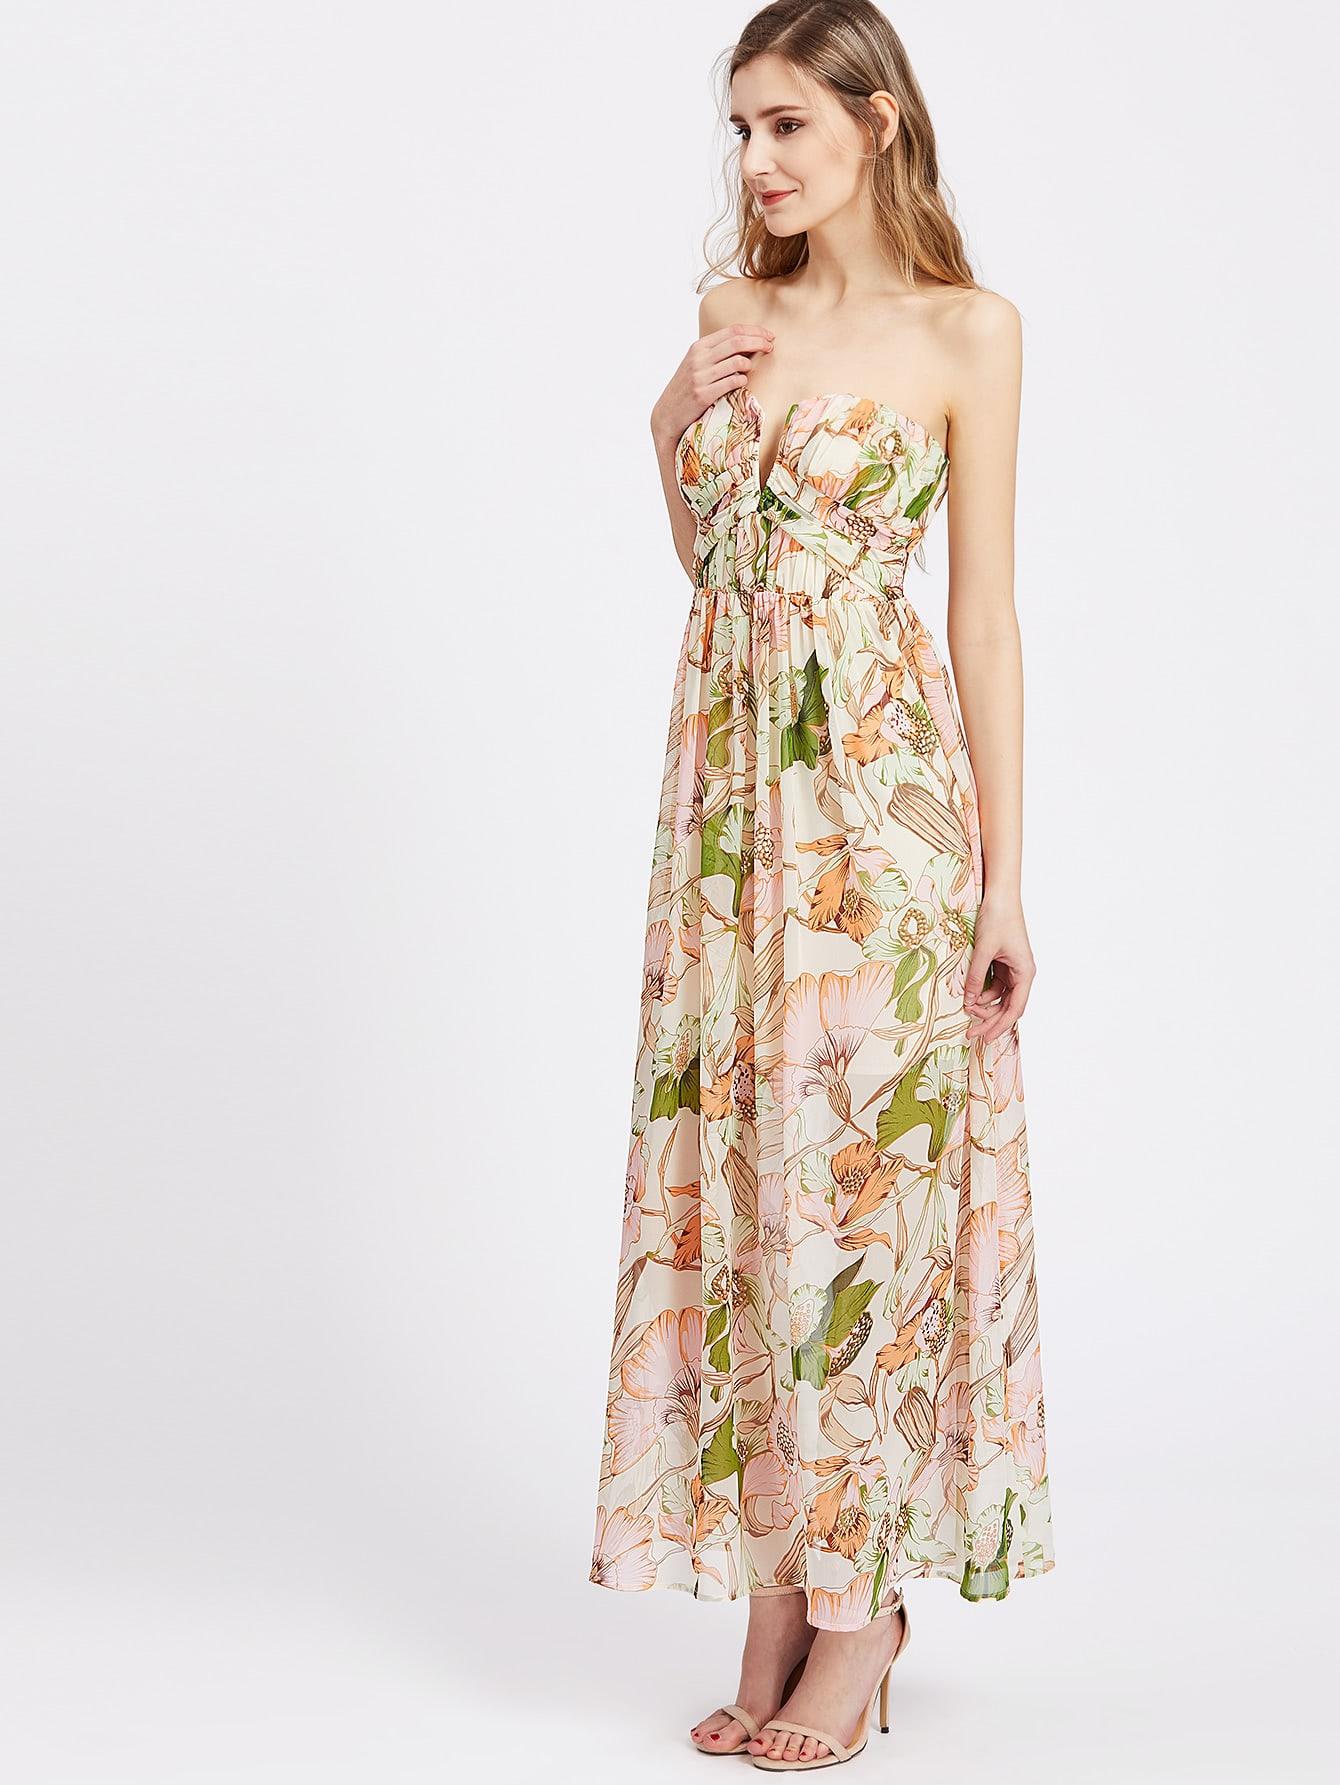 dress170330706_2